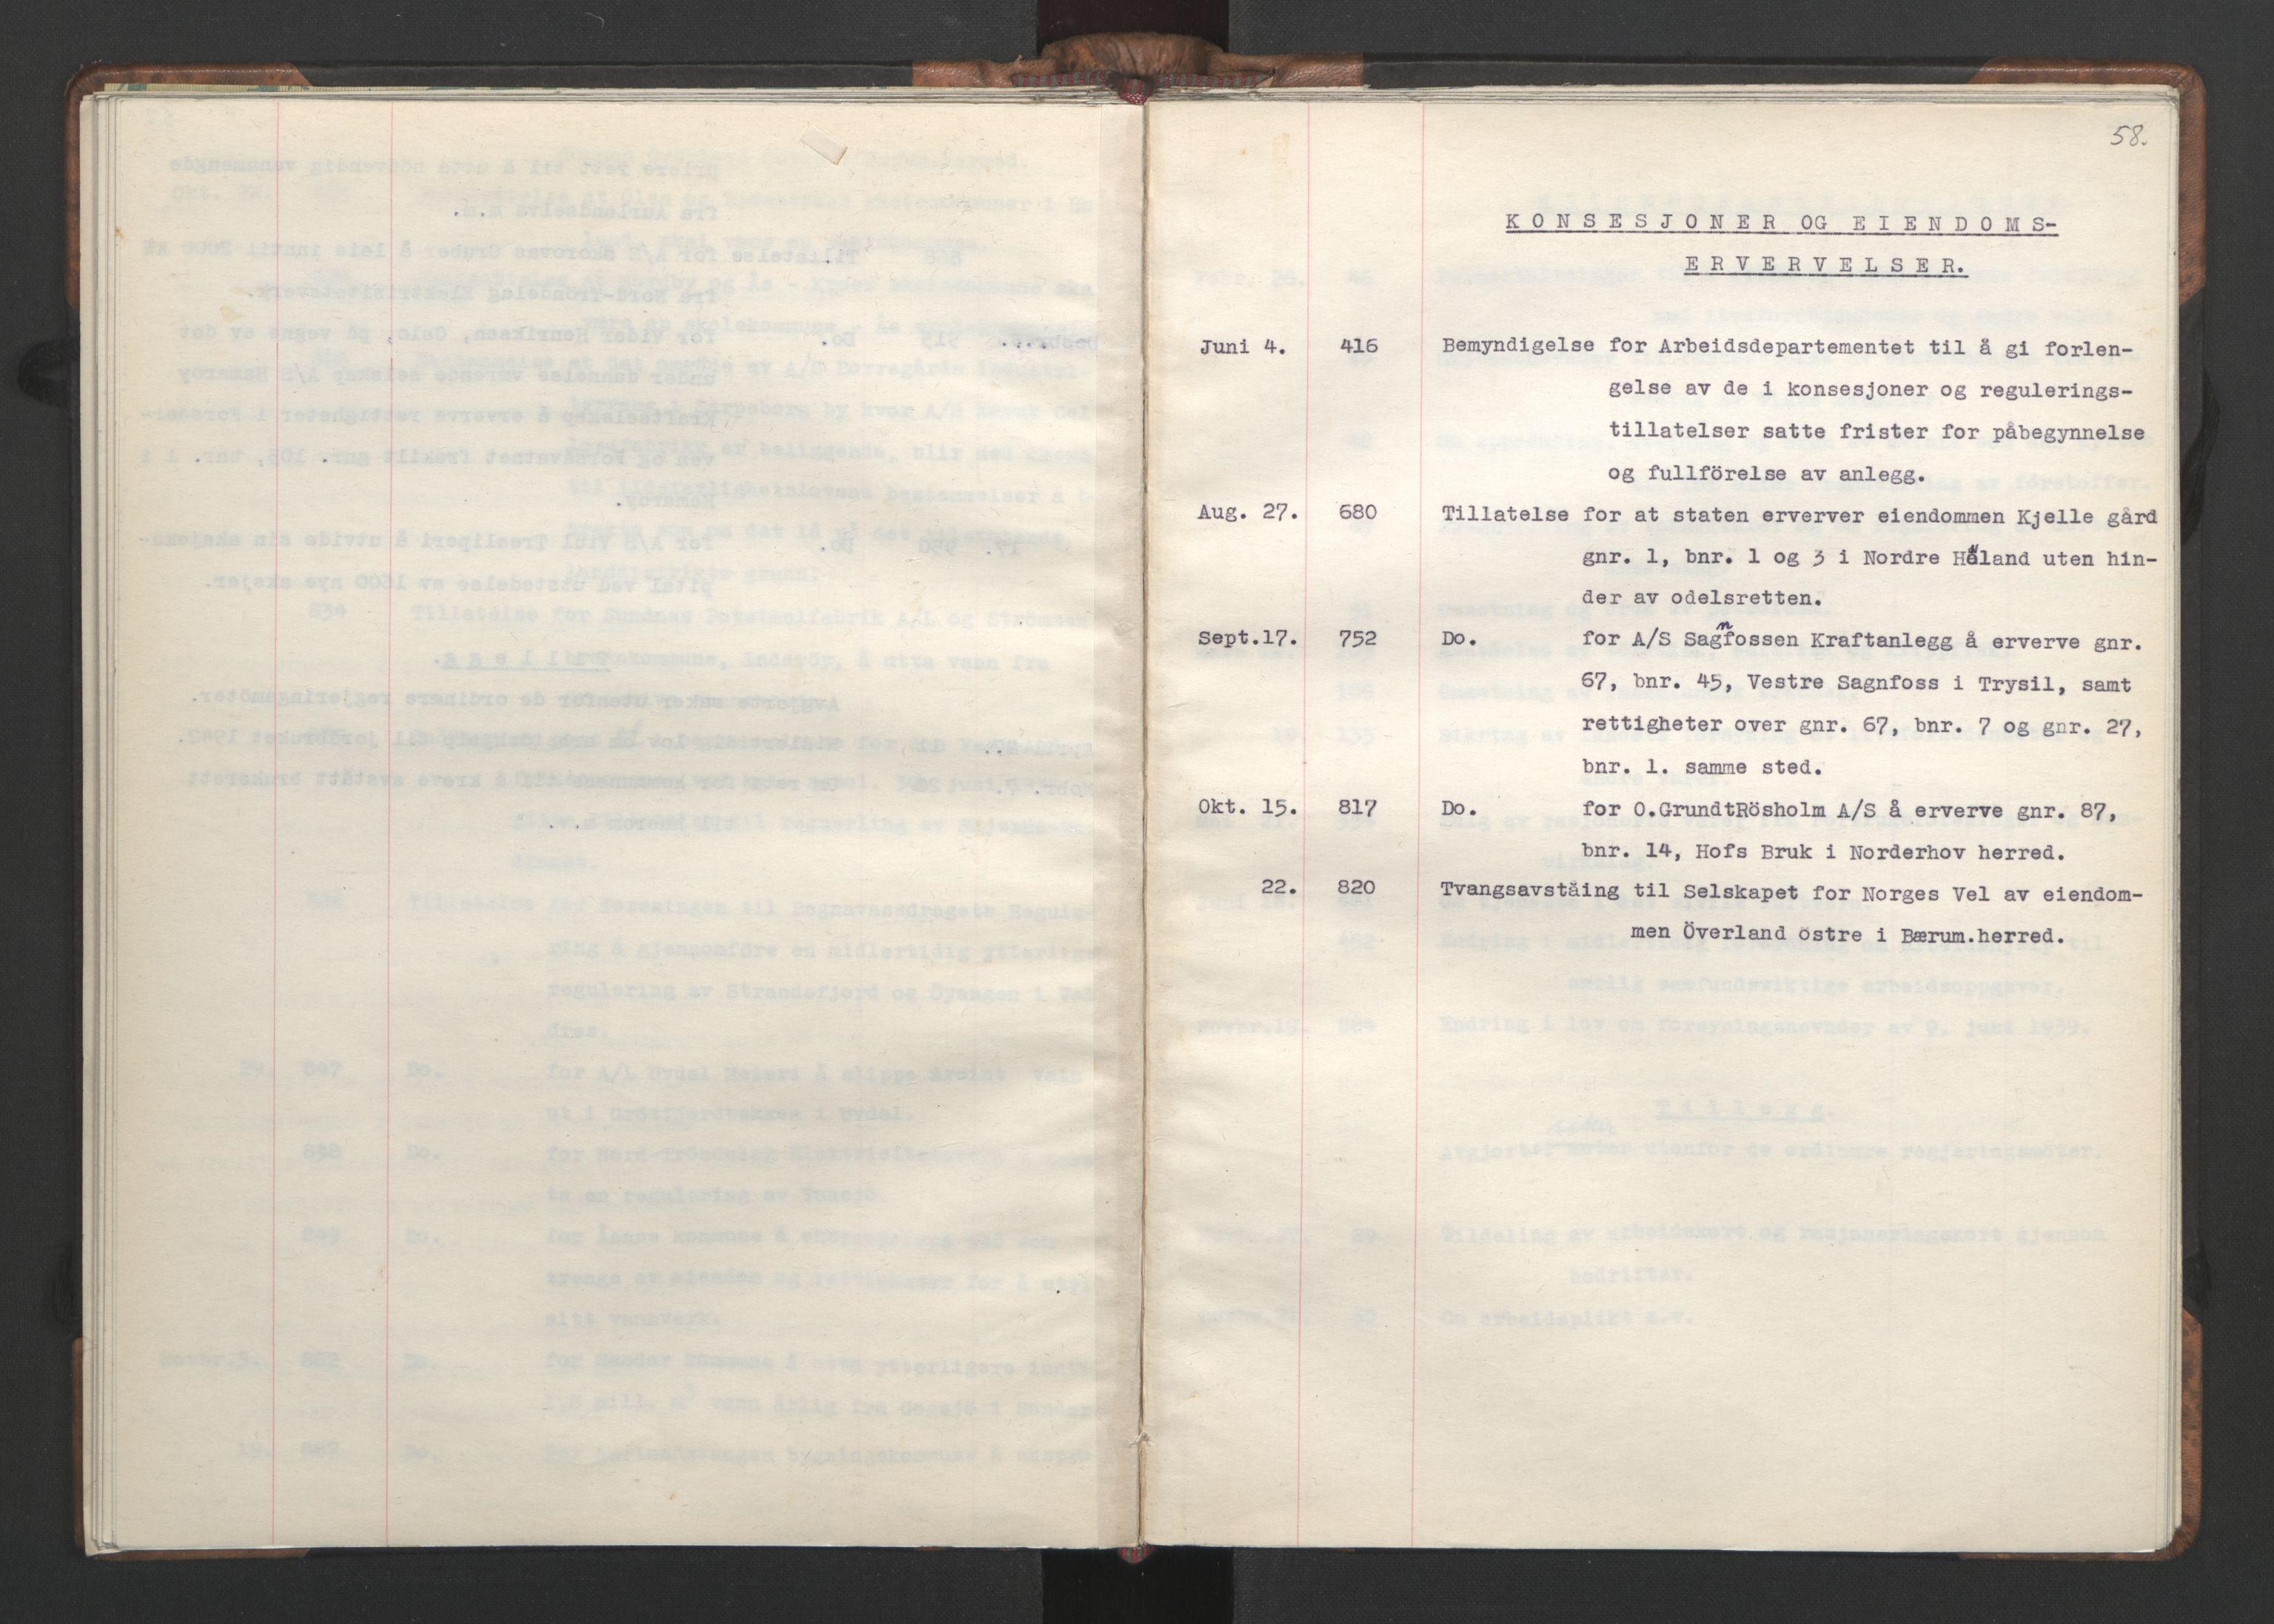 RA, NS-administrasjonen 1940-1945 (Statsrådsekretariatet, de kommisariske statsråder mm), D/Da/L0002: Register (RA j.nr. 985/1943, tilgangsnr. 17/1943), 1942, s. 57b-58a